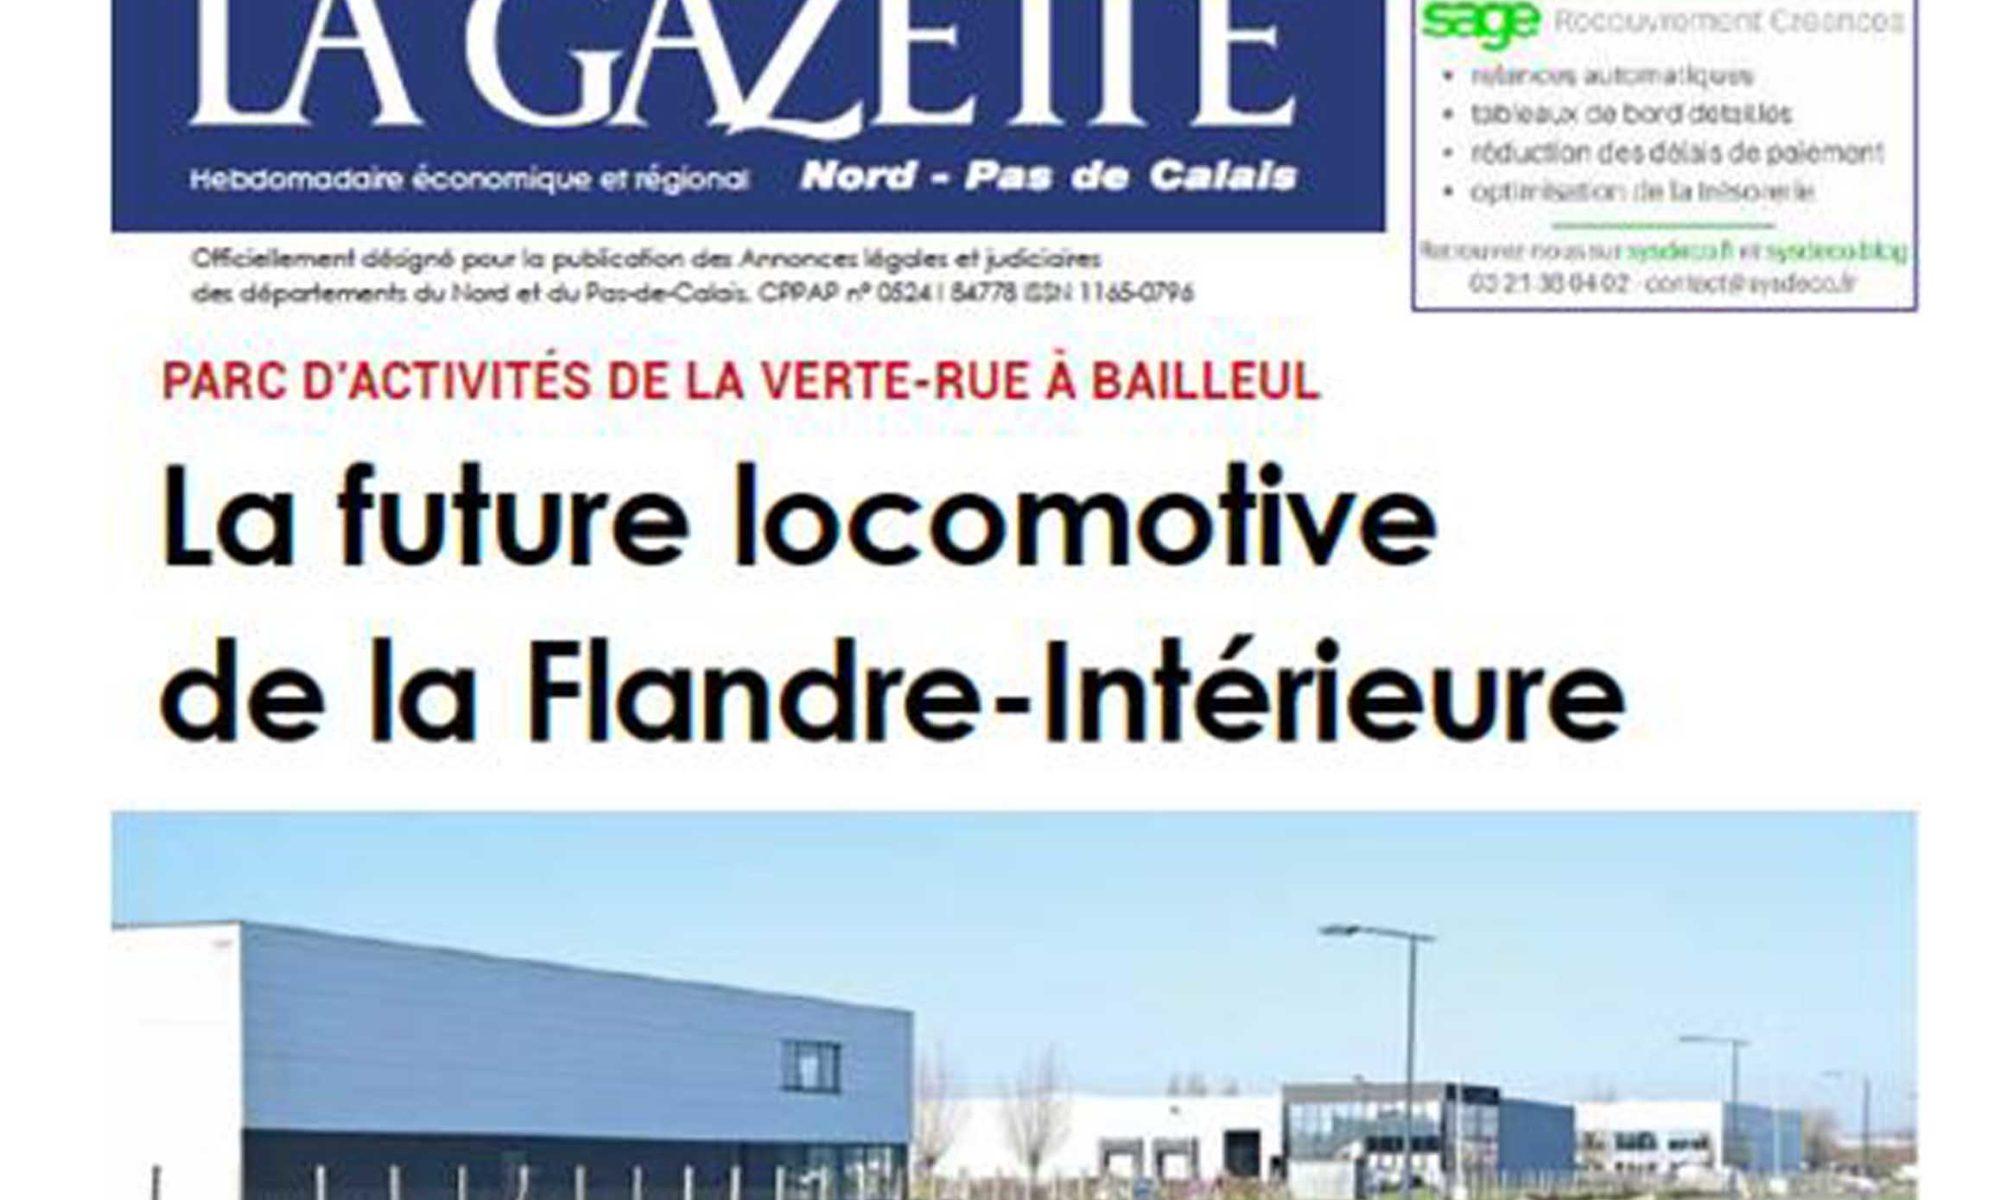 Abalone actualités La Gazette